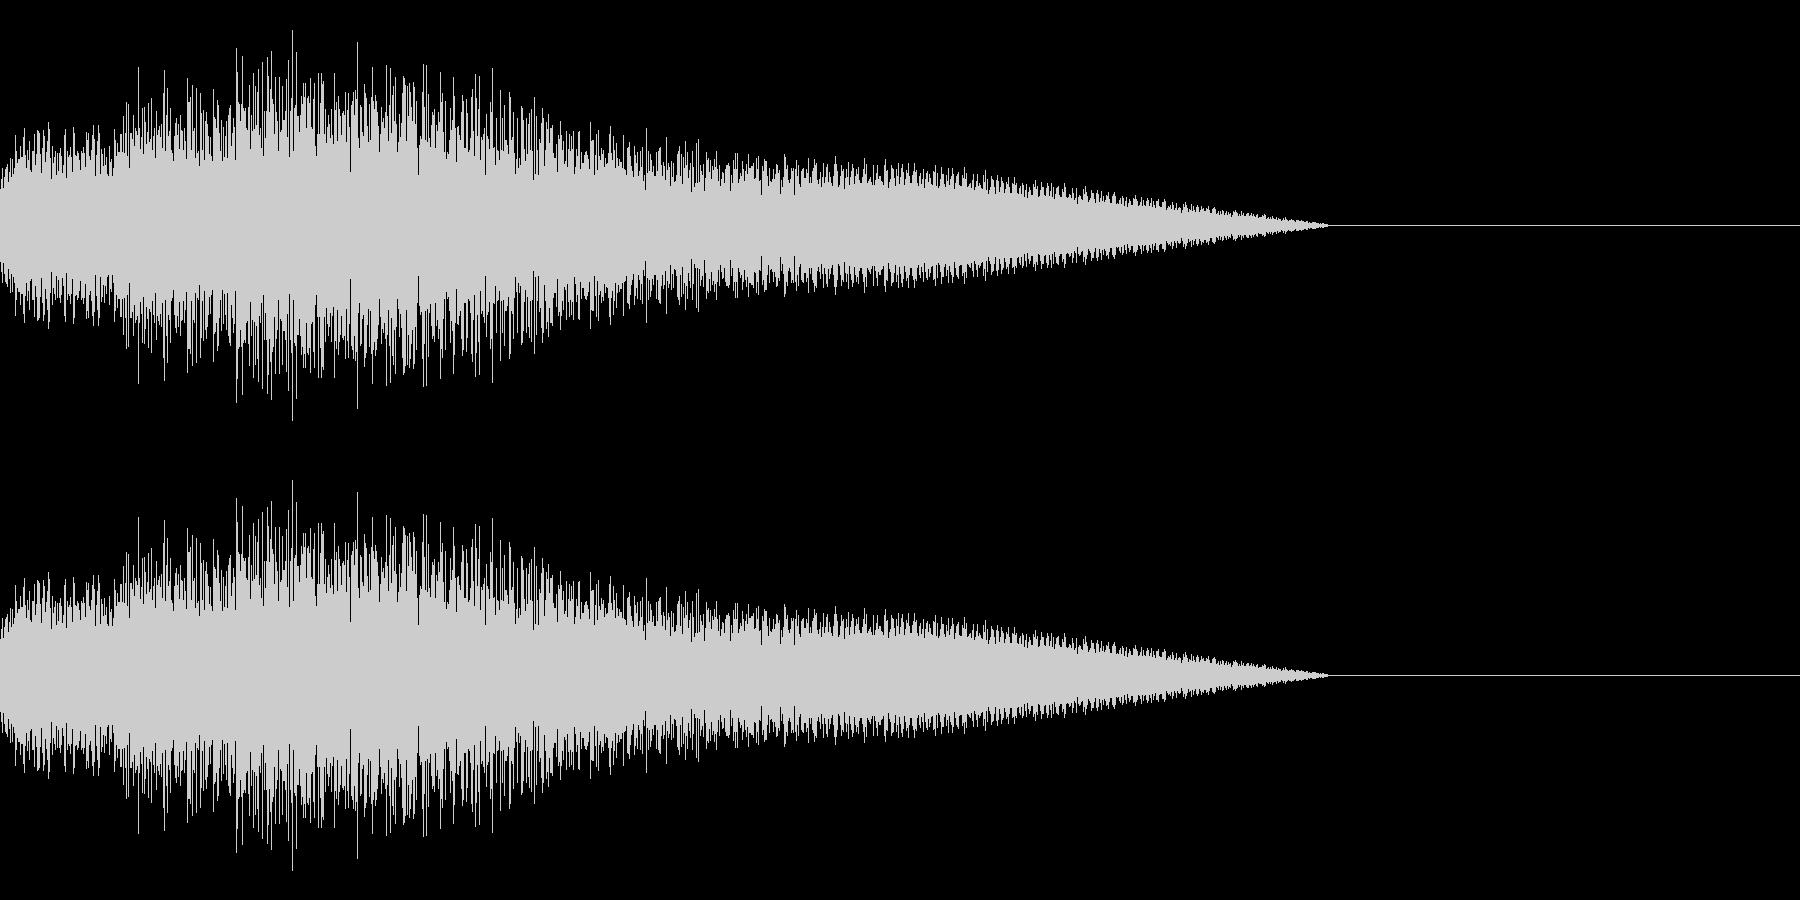 「ピロピロ♪」レトロゲーム風の回復魔法の未再生の波形